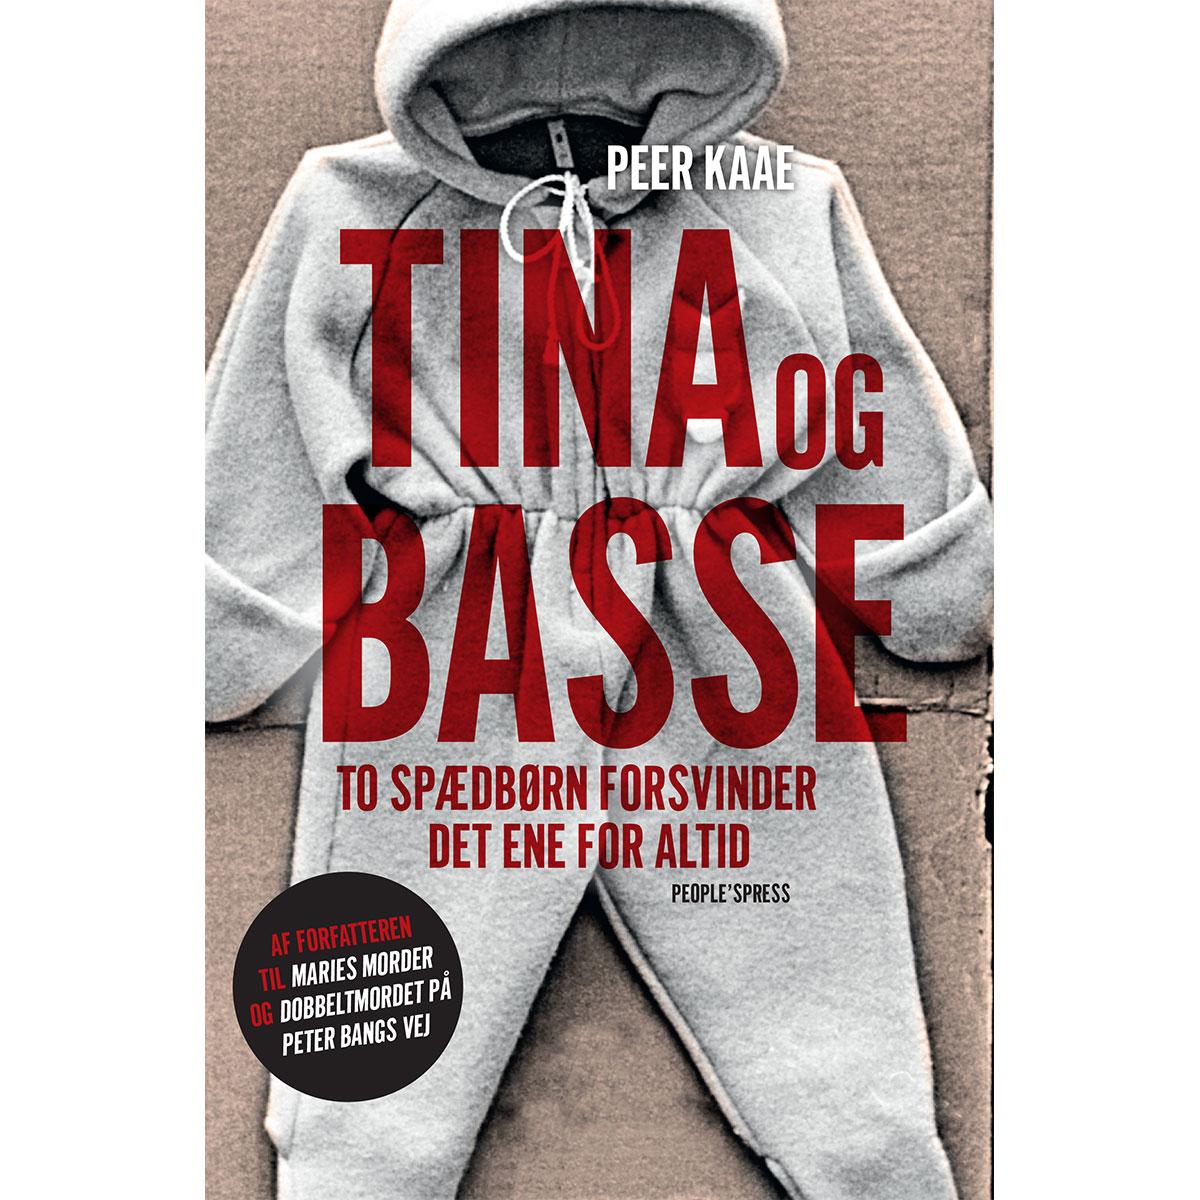 Tina & Basse - Hæftet